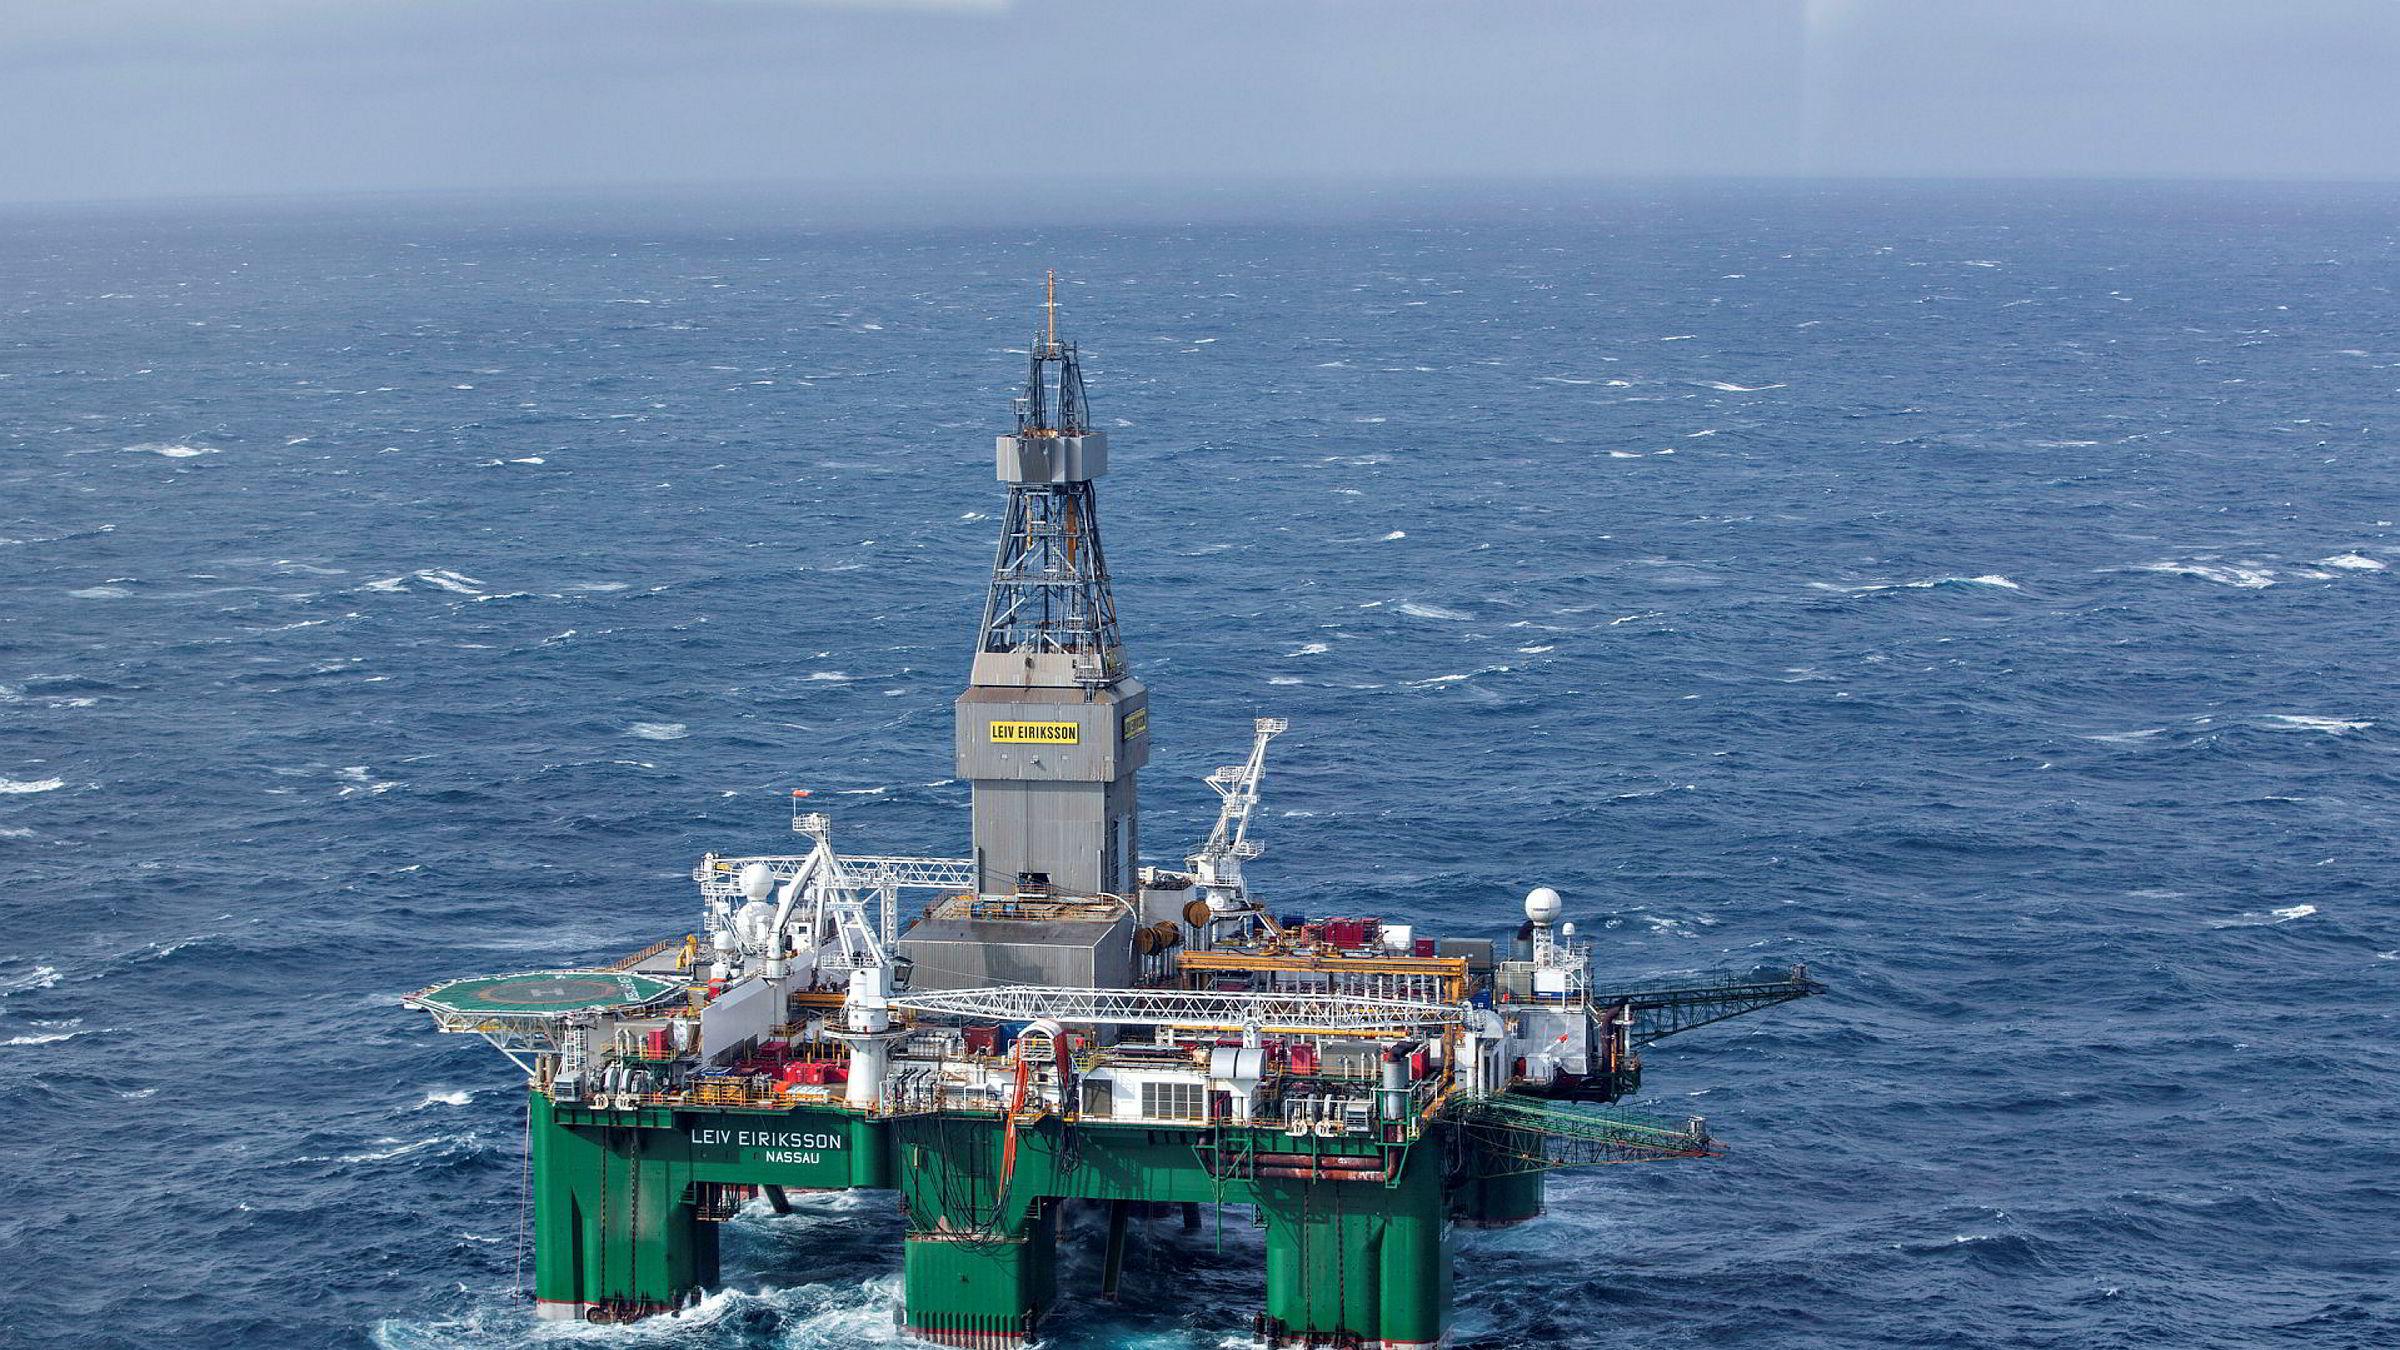 Hvis en global nedtur skulle føre til en nedgang i verdensøkonomien, med børsfall og lavere oljepris som konsekvens, kan Norge bli hardt rammet, skriver artikkelforfatteren. Her boreriggen Leiv Eiriksson i Barentshavet.